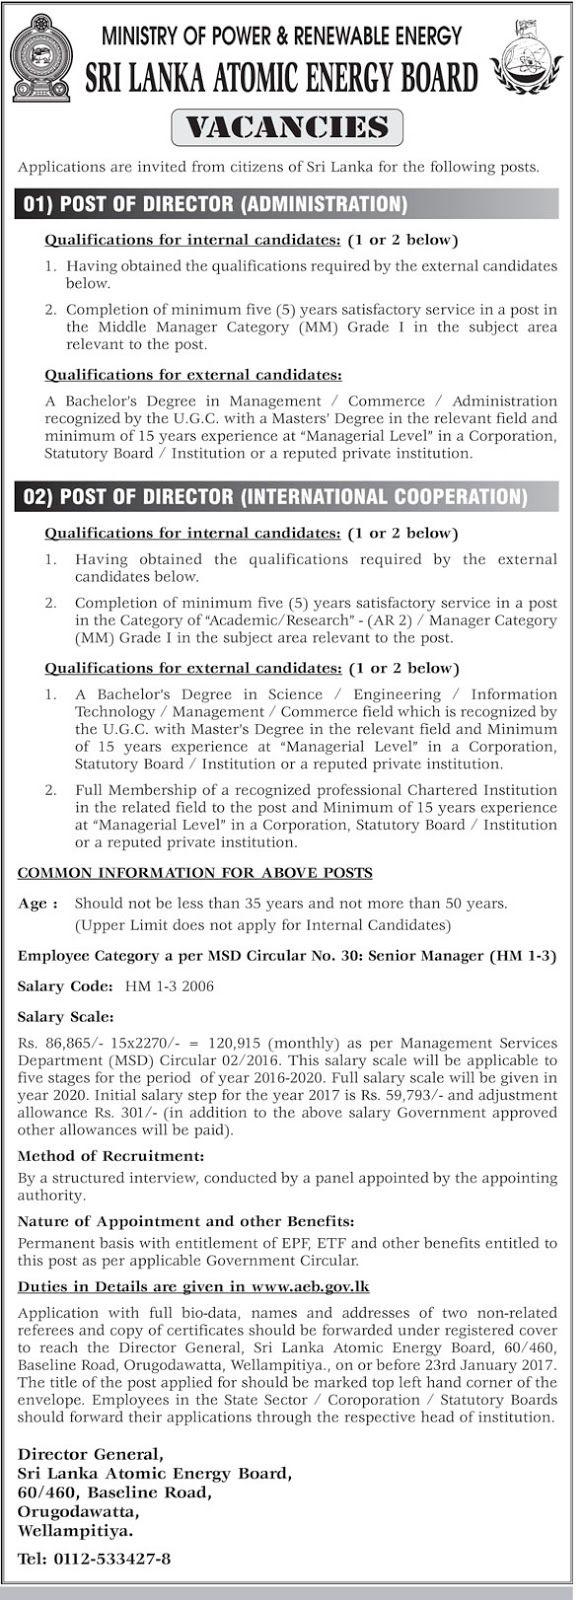 Sri Lankan Government Job Vacancies At Ministry Of Power And